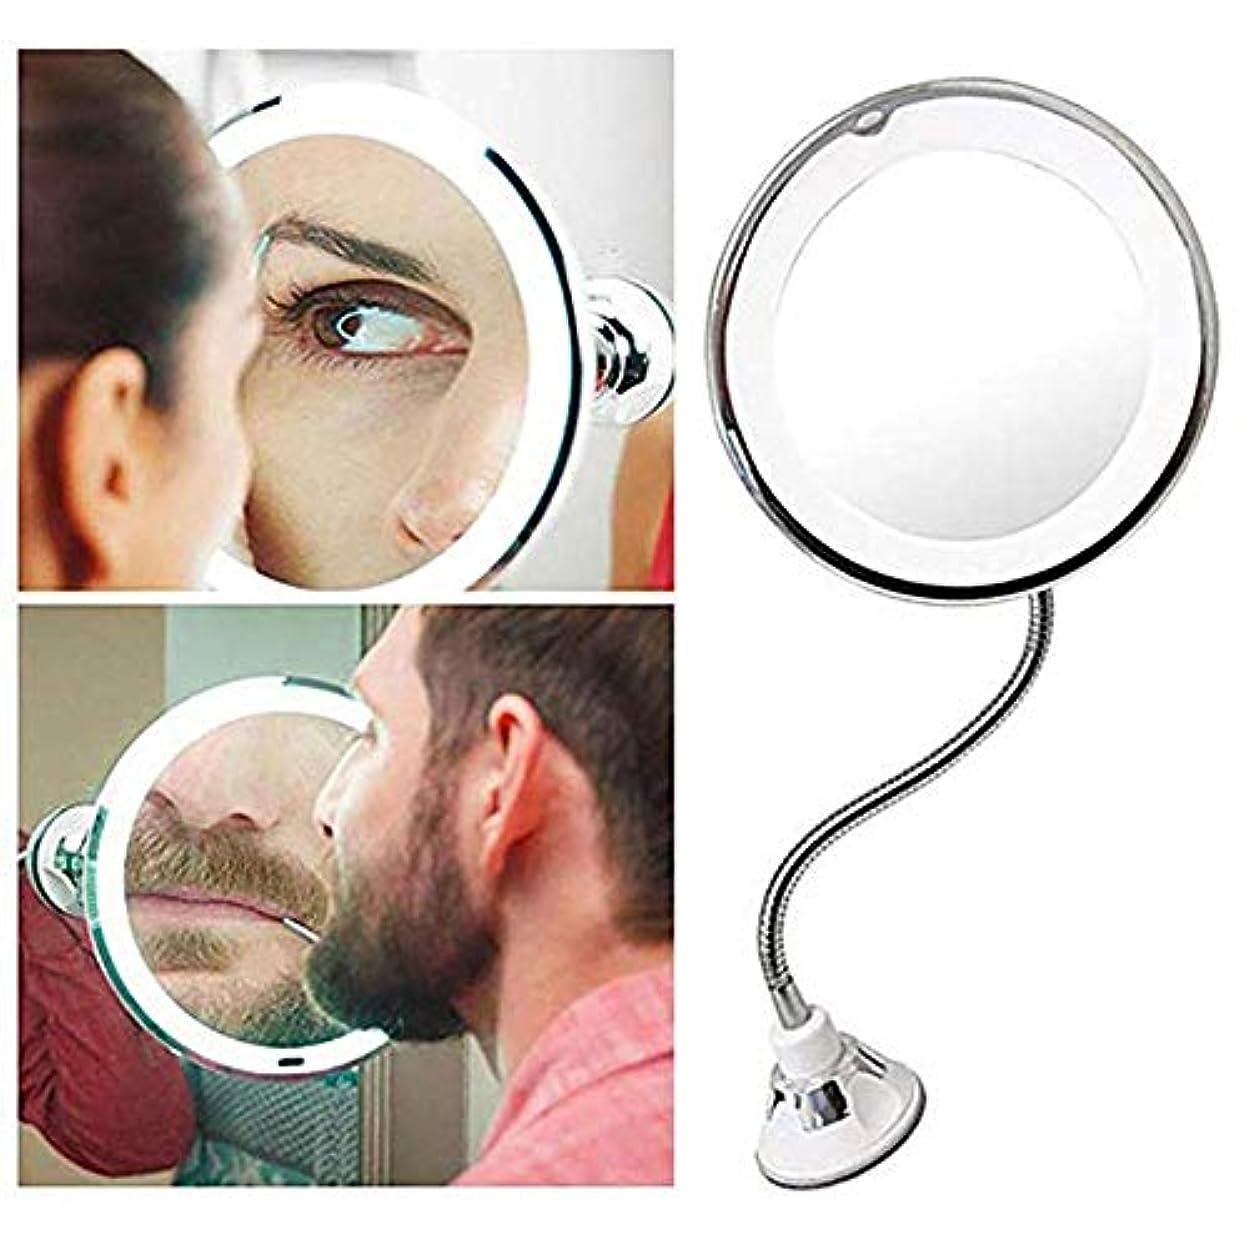 パーティション幹システム7倍 LED化粧鏡 風呂鏡 吸盤ロック付き 浴室鏡 化粧ミラー 360度回転 メイクミラー LUERME 吸盤ロック付き 化粧ミラー シャワーミラー 鏡面直径17CM